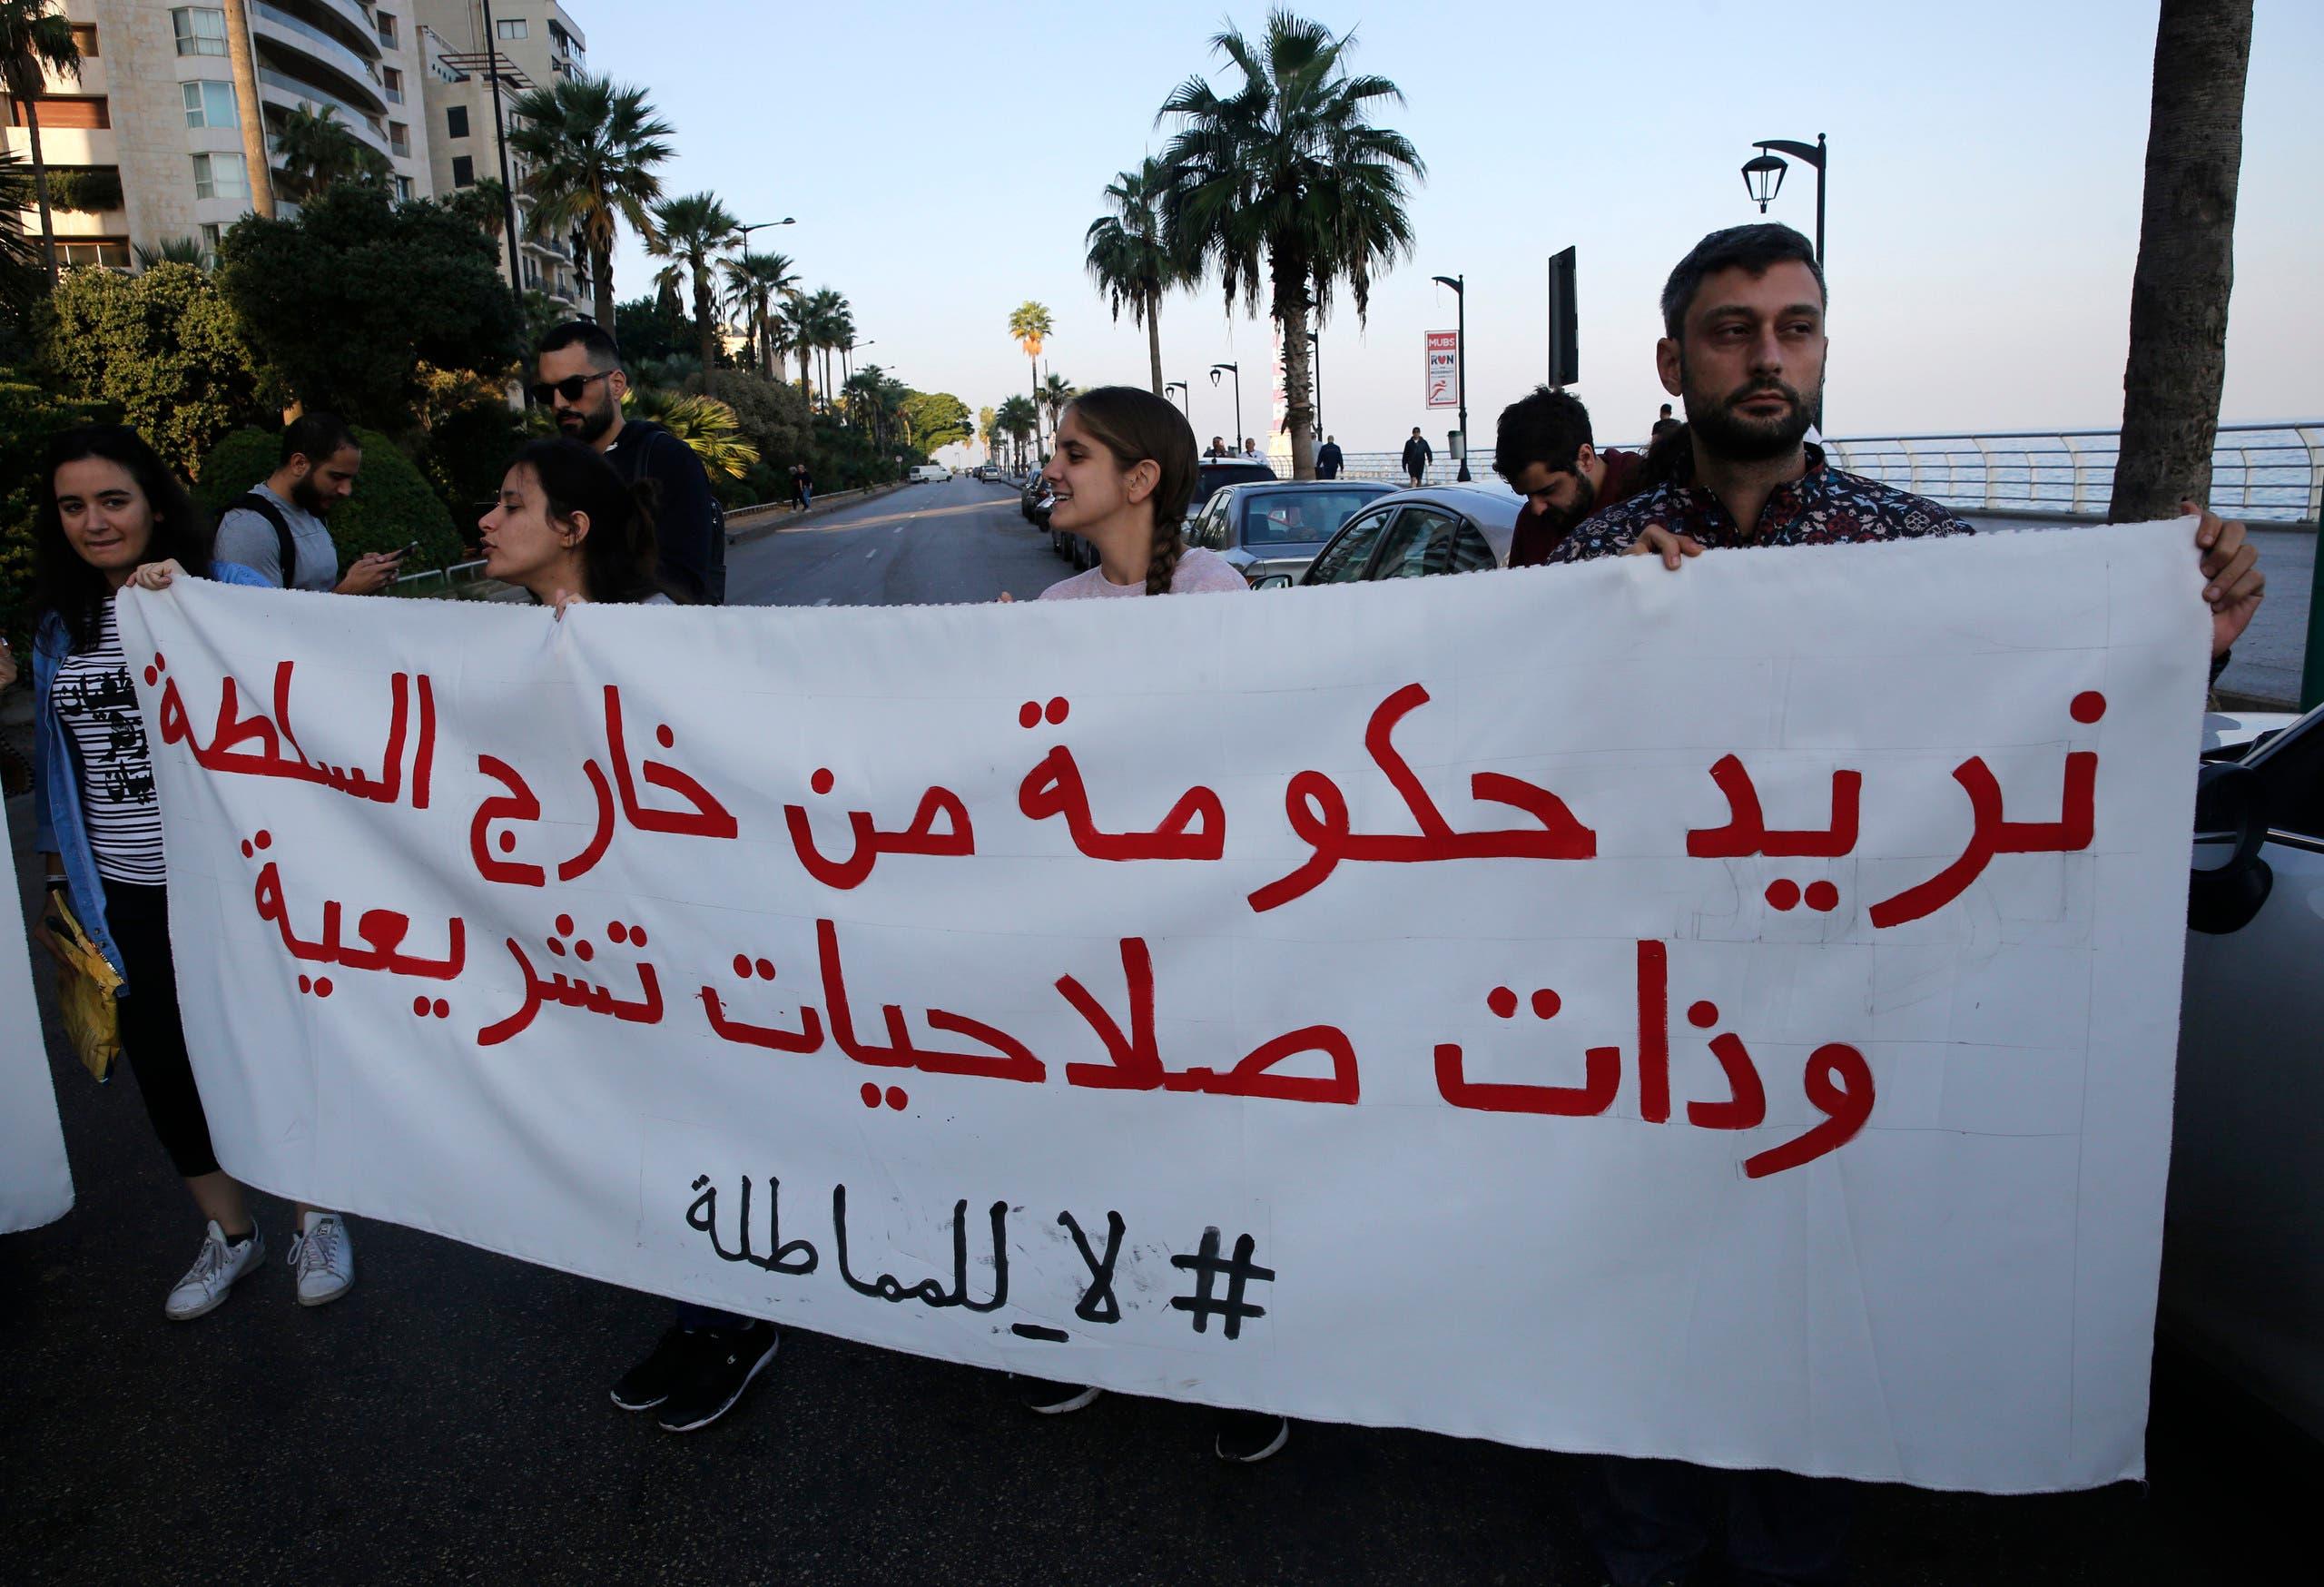 محتجون يطالبون اليوم بحكومة غير مسيسة